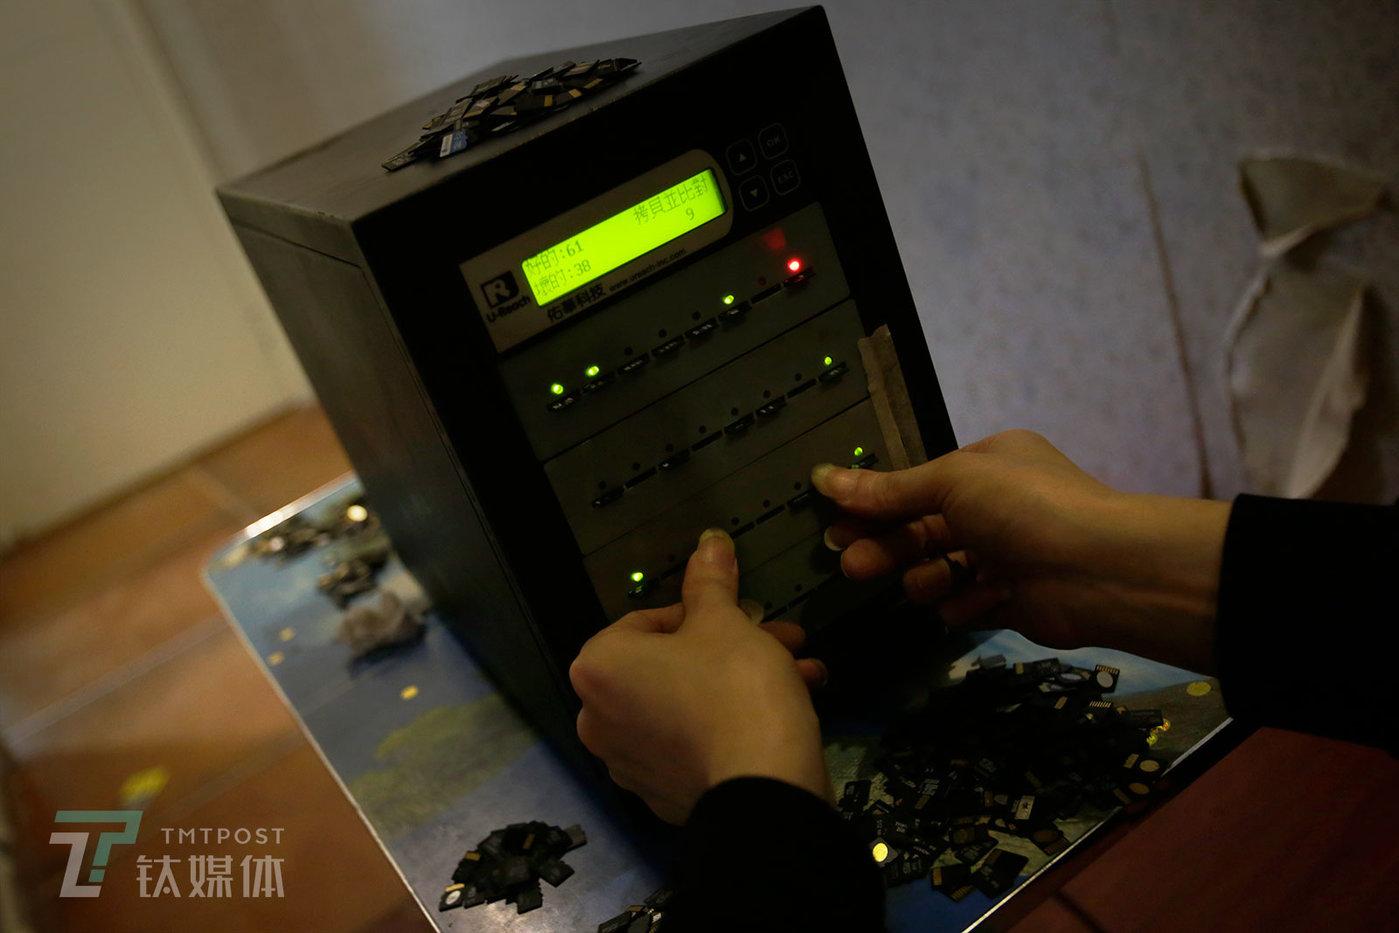 在这个市场,跟手机有关的部件都有专人收购。宾馆房间,一位专门收购存储卡的买家在逐个测试卖家带来的旧卡。这个机器可以迅速检测出存储卡是否完好,测试时亮起红灯表示卡是坏的,绿灯则表示卡是好的,这些卡论个卖,收购单价在几块钱。